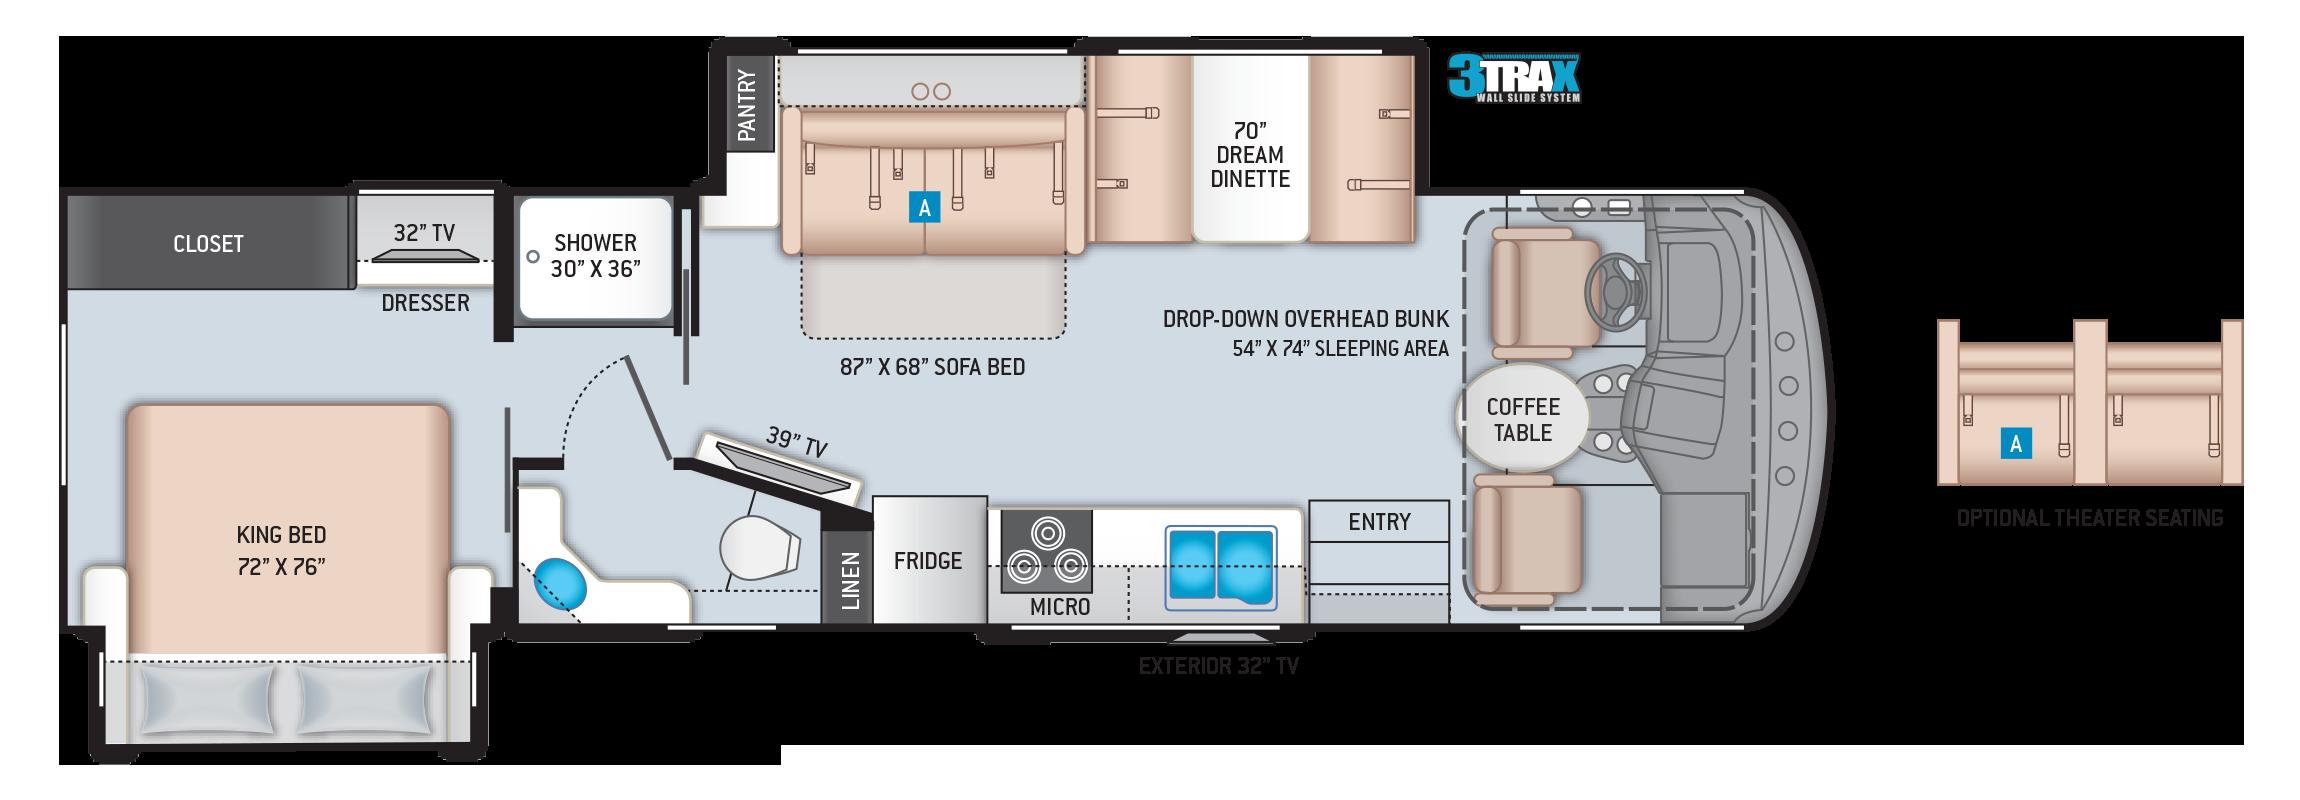 Windsport Class A Motorhome Floor Plan 32T